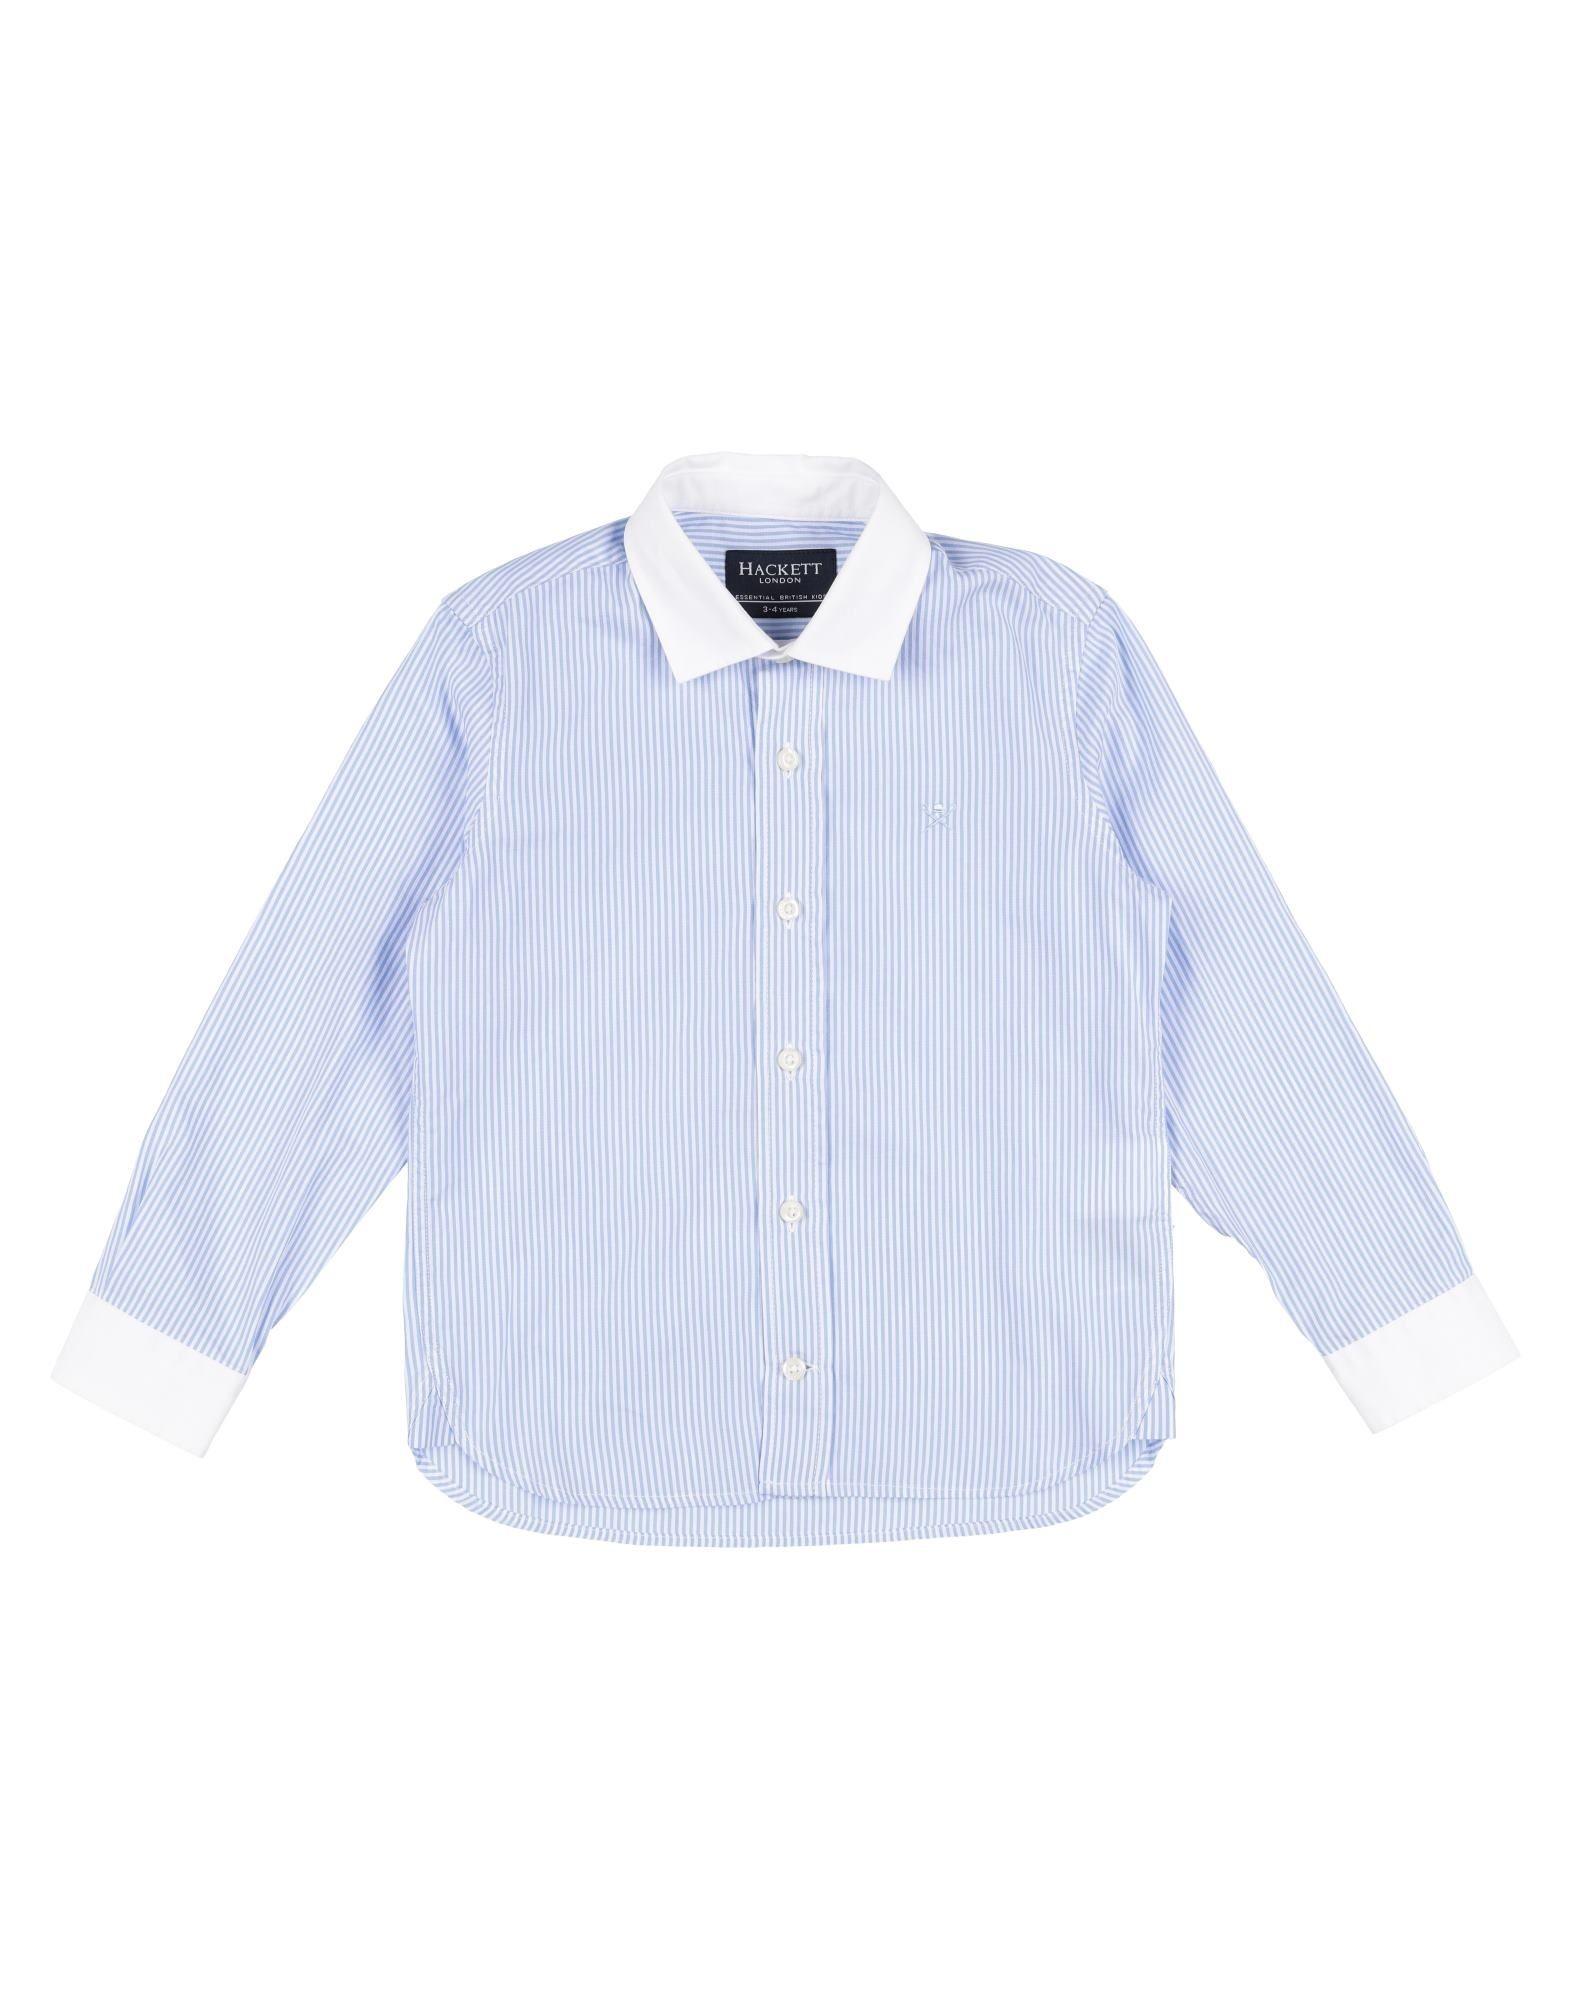 HACKETT Jungen 3-8 jahre Hemd1 blau